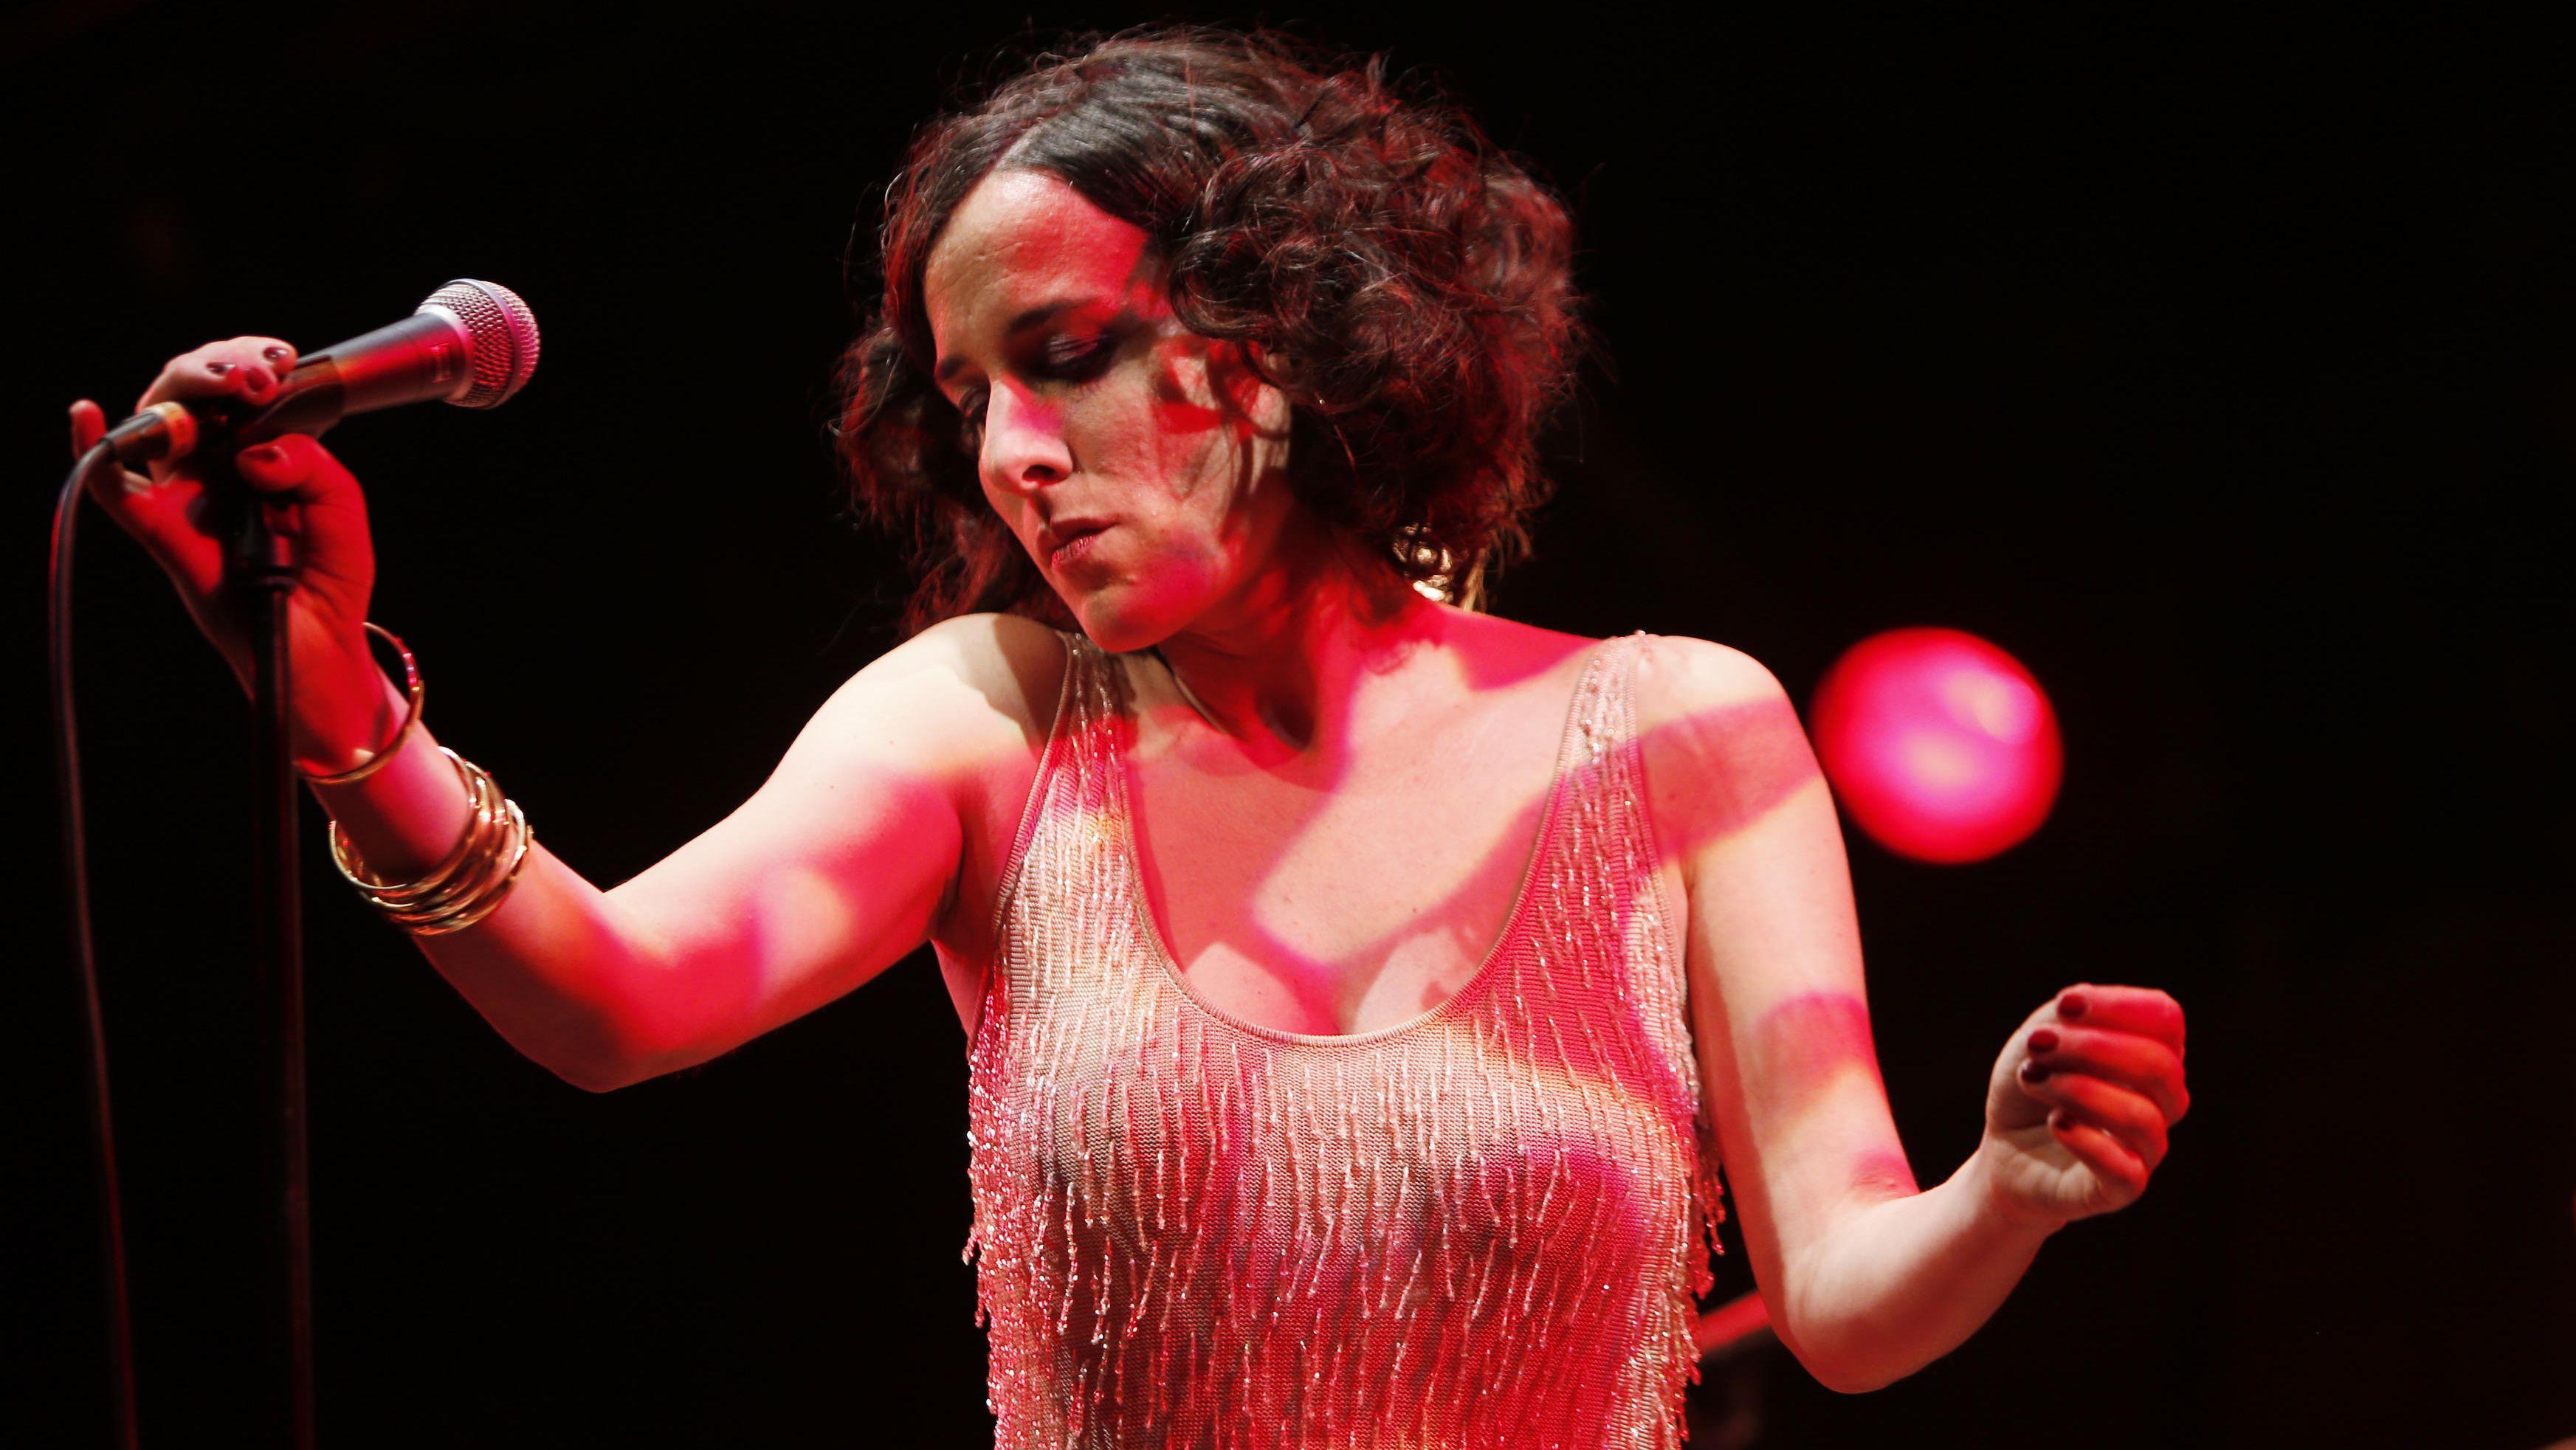 Die Musikerin Lisa Bassenge bei einem Liveauftritt in einem Pailettenkleid im roten Bühnenlicht